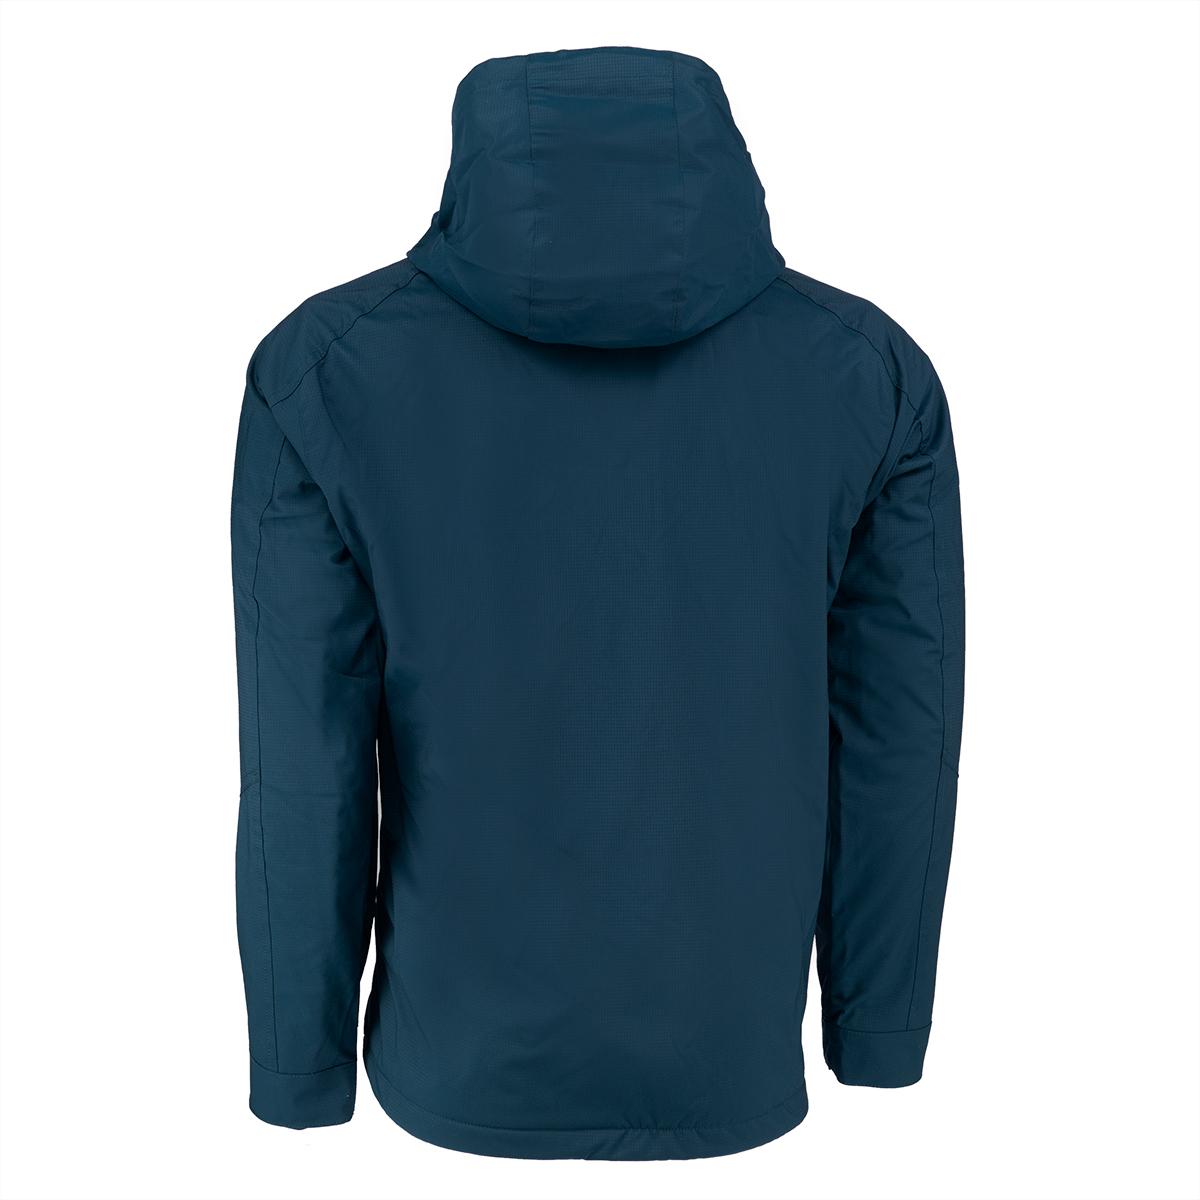 IZOD-Men-039-s-Midweight-Polar-Fleece-Lined-Jacket thumbnail 16